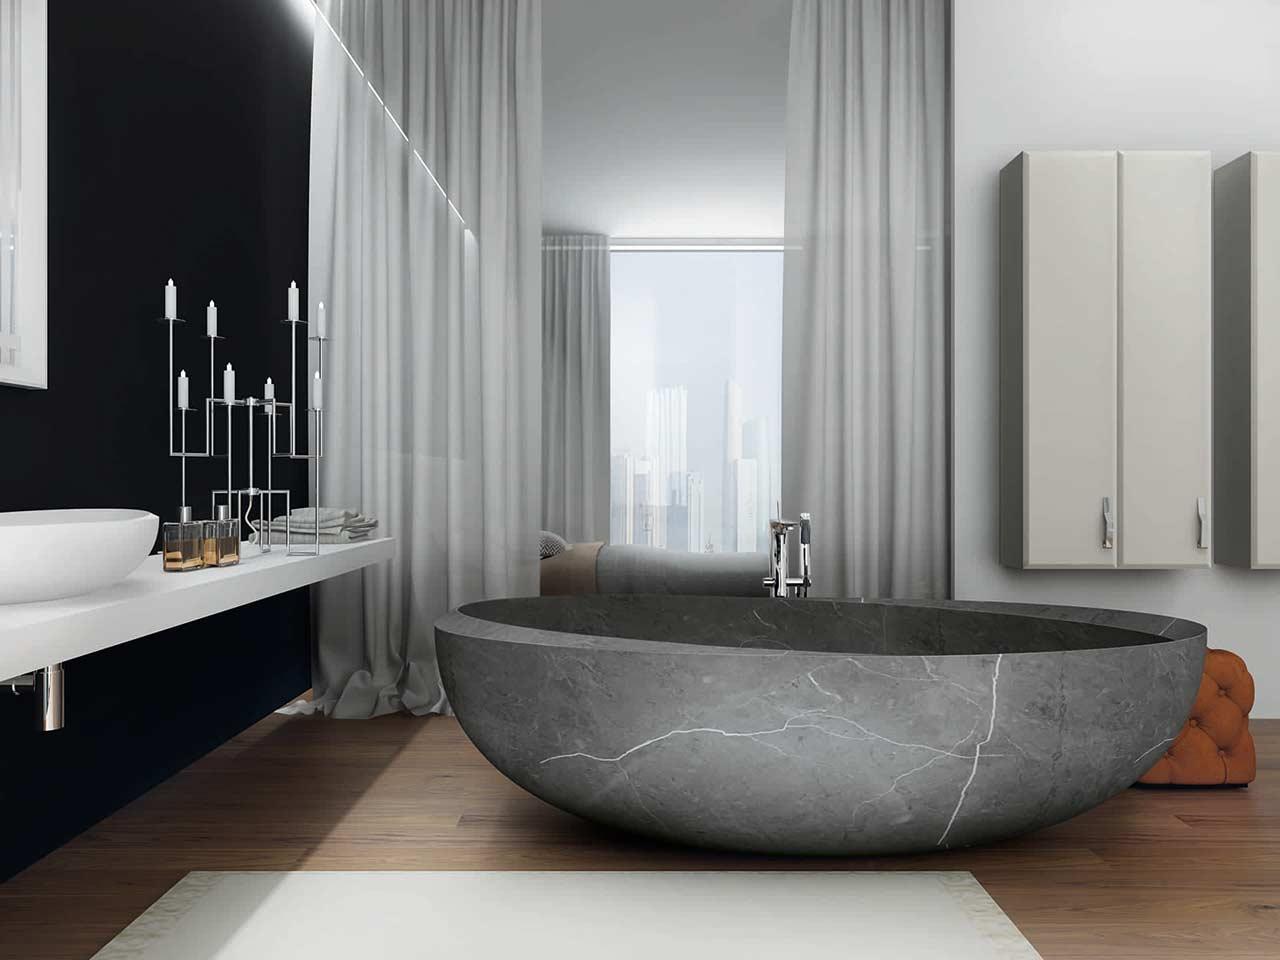 Vasche teuco - Riparazione vasca da bagno ...